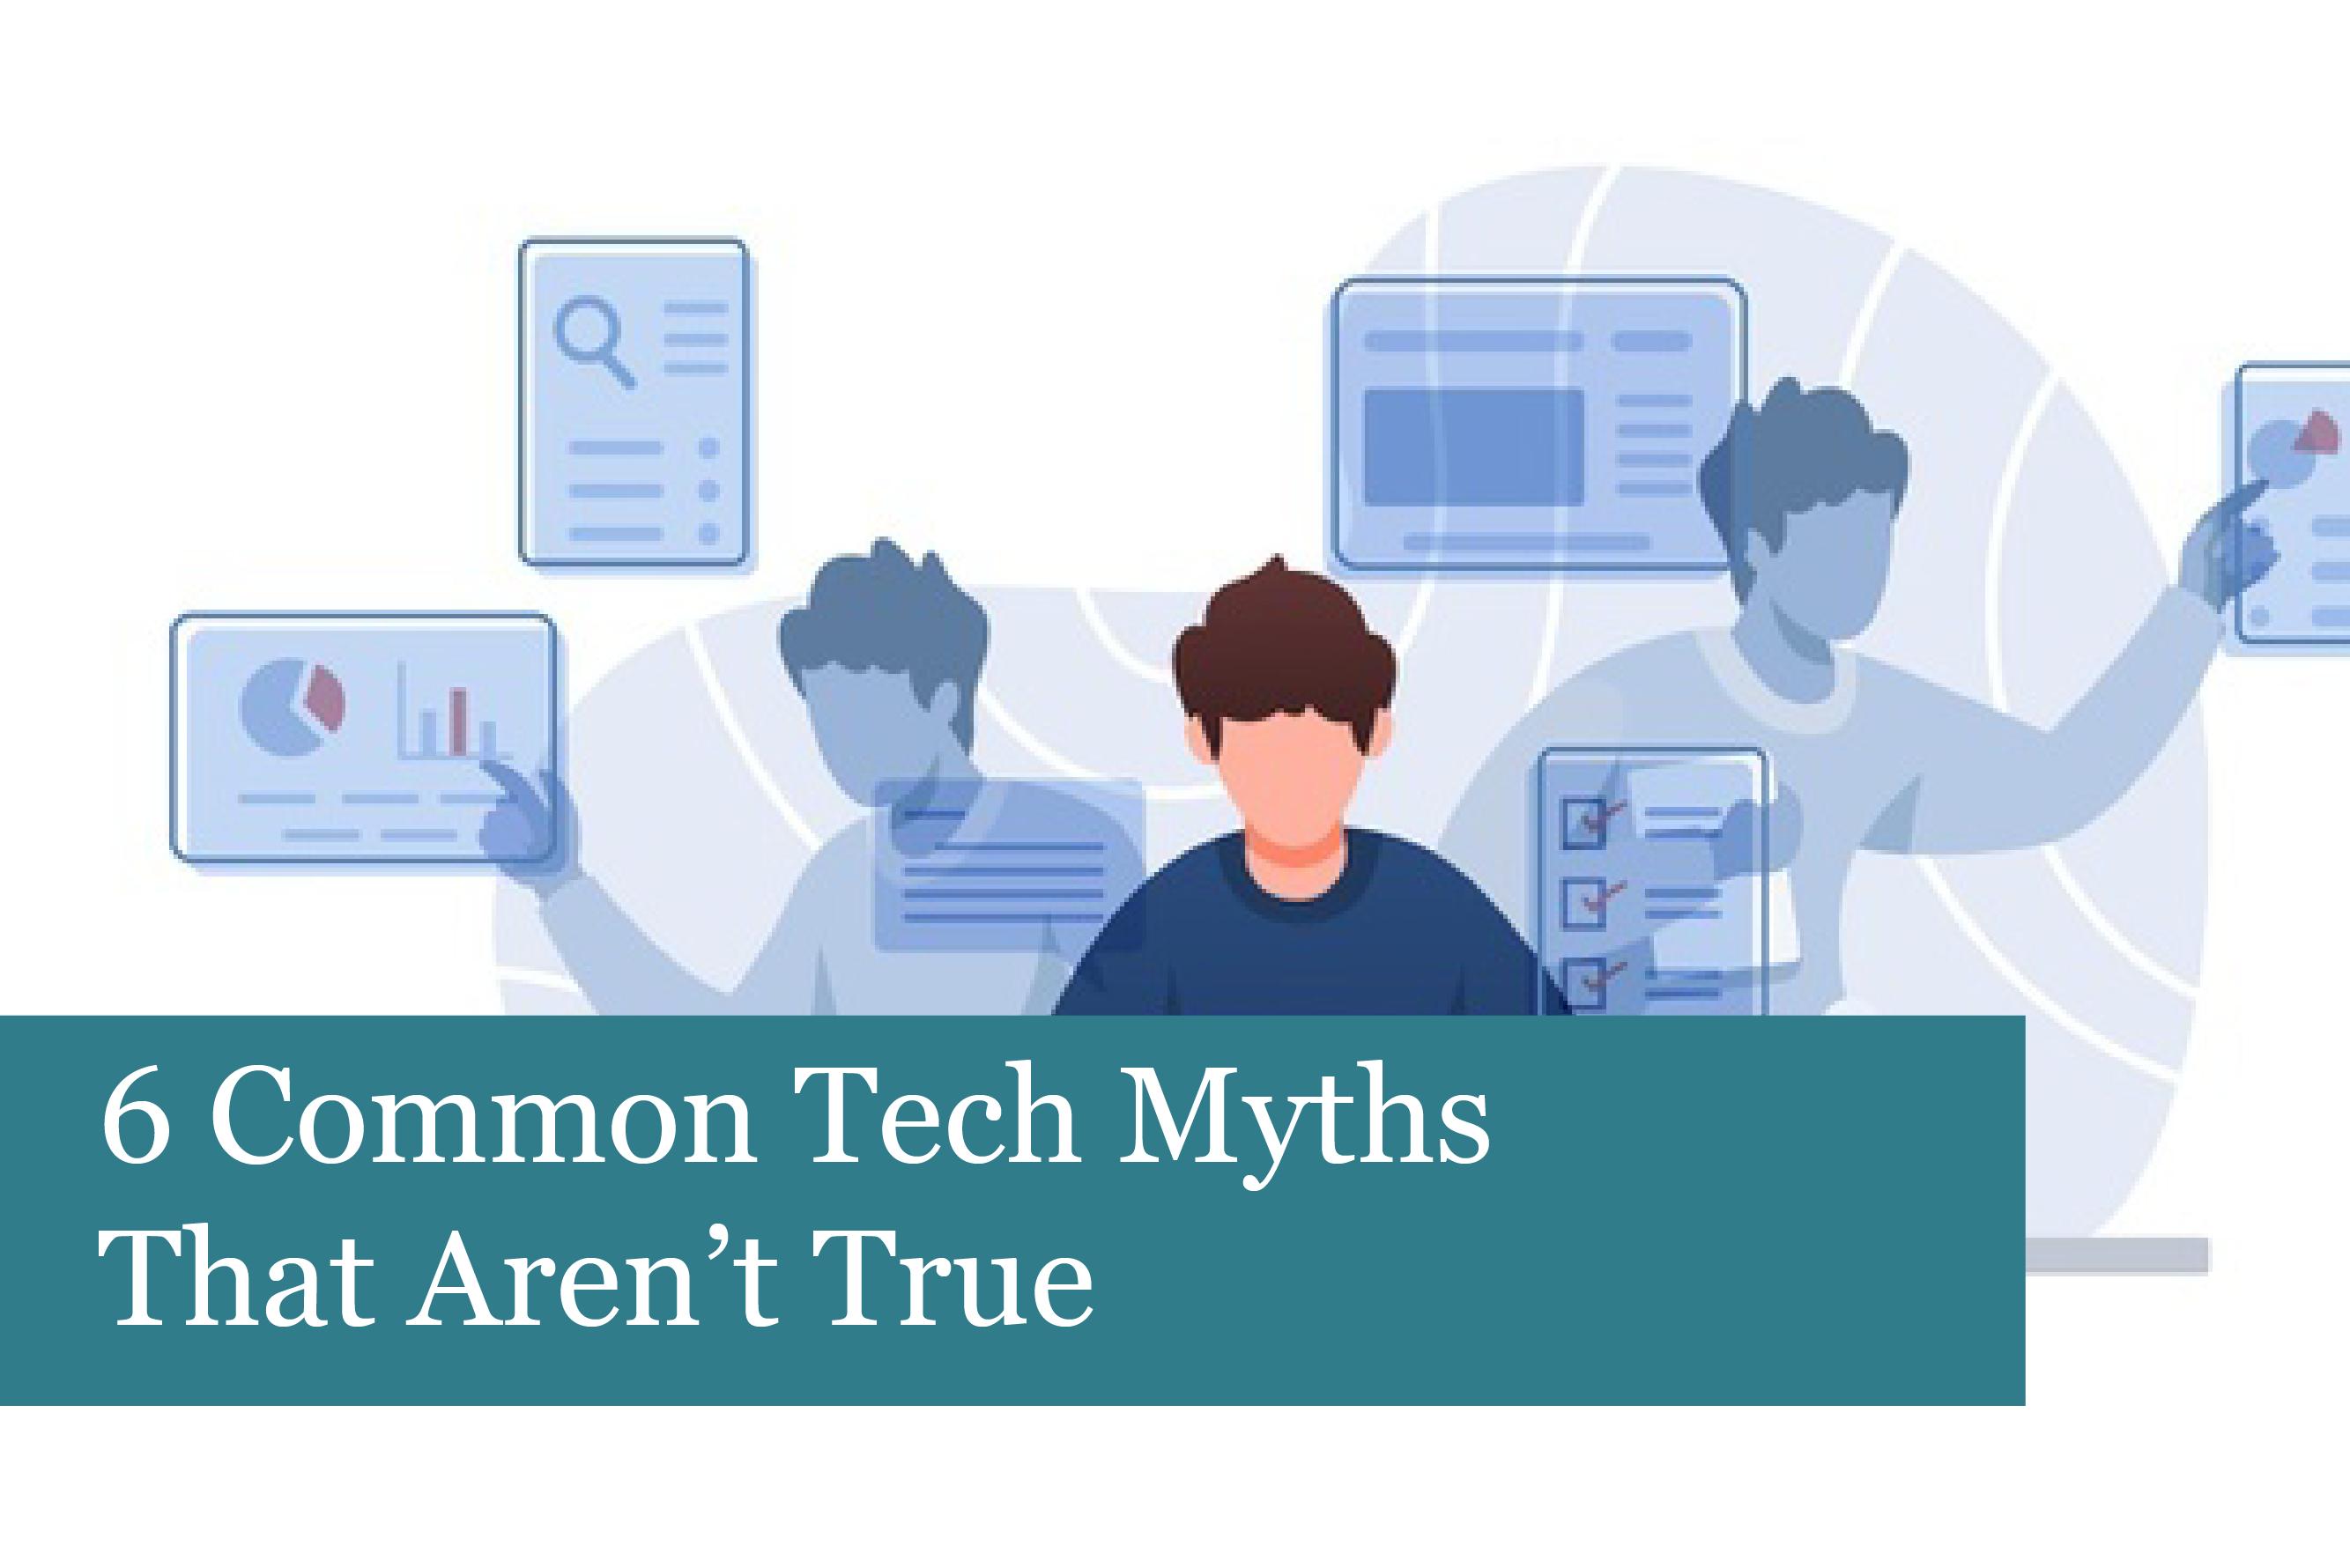 6 Common Tech Myths That Aren't True